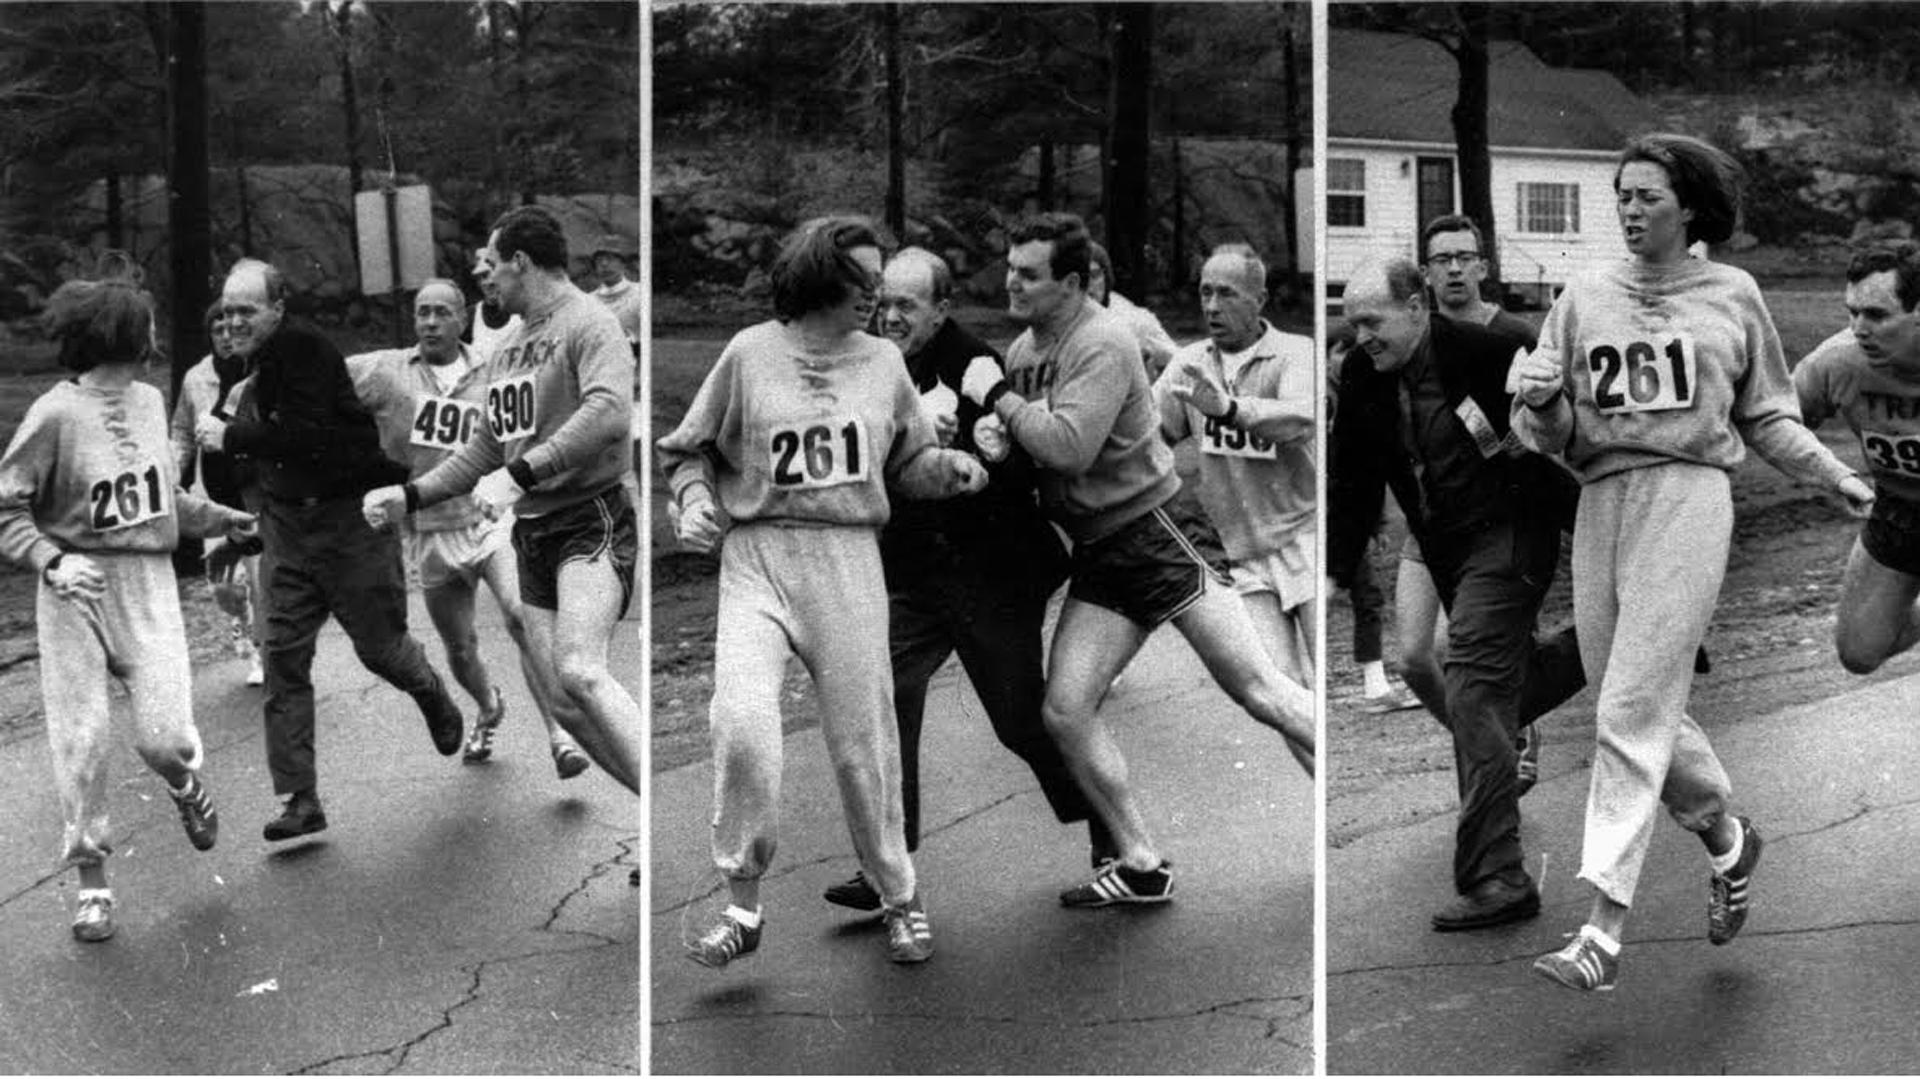 La foto icónica que cambió para siempre la historia del atletismo (Boston Herald)